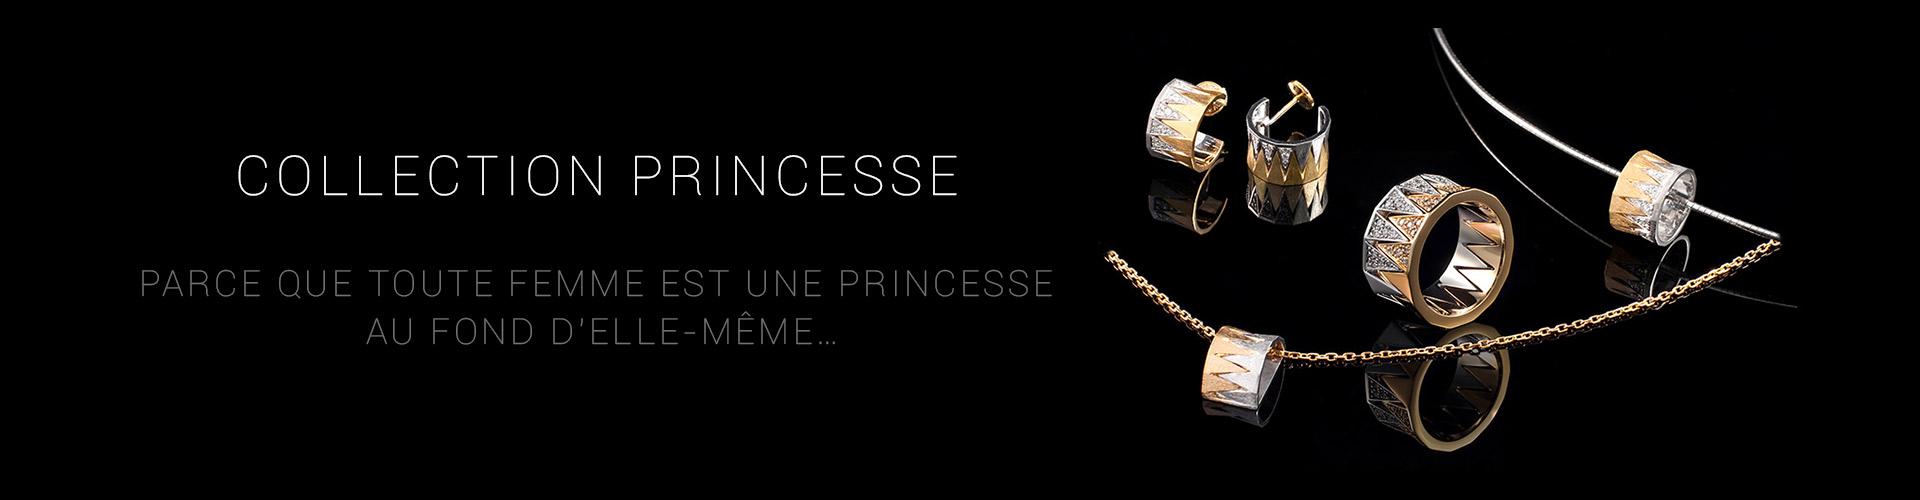 Collection Princesse Bijoux haut de gamme